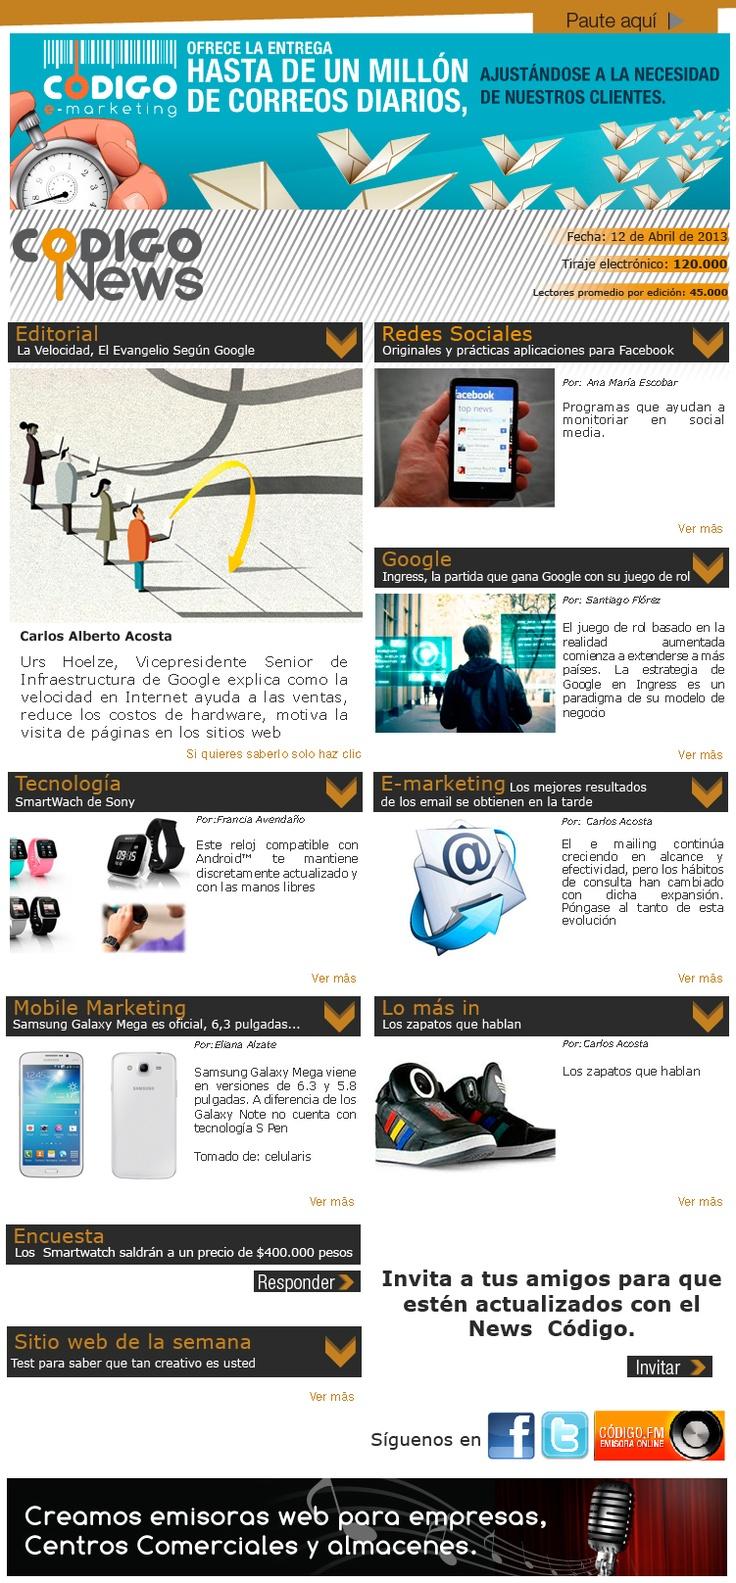 Comparte lo último en e-mailing, redes, mobile marketing y tecnología. News #63.